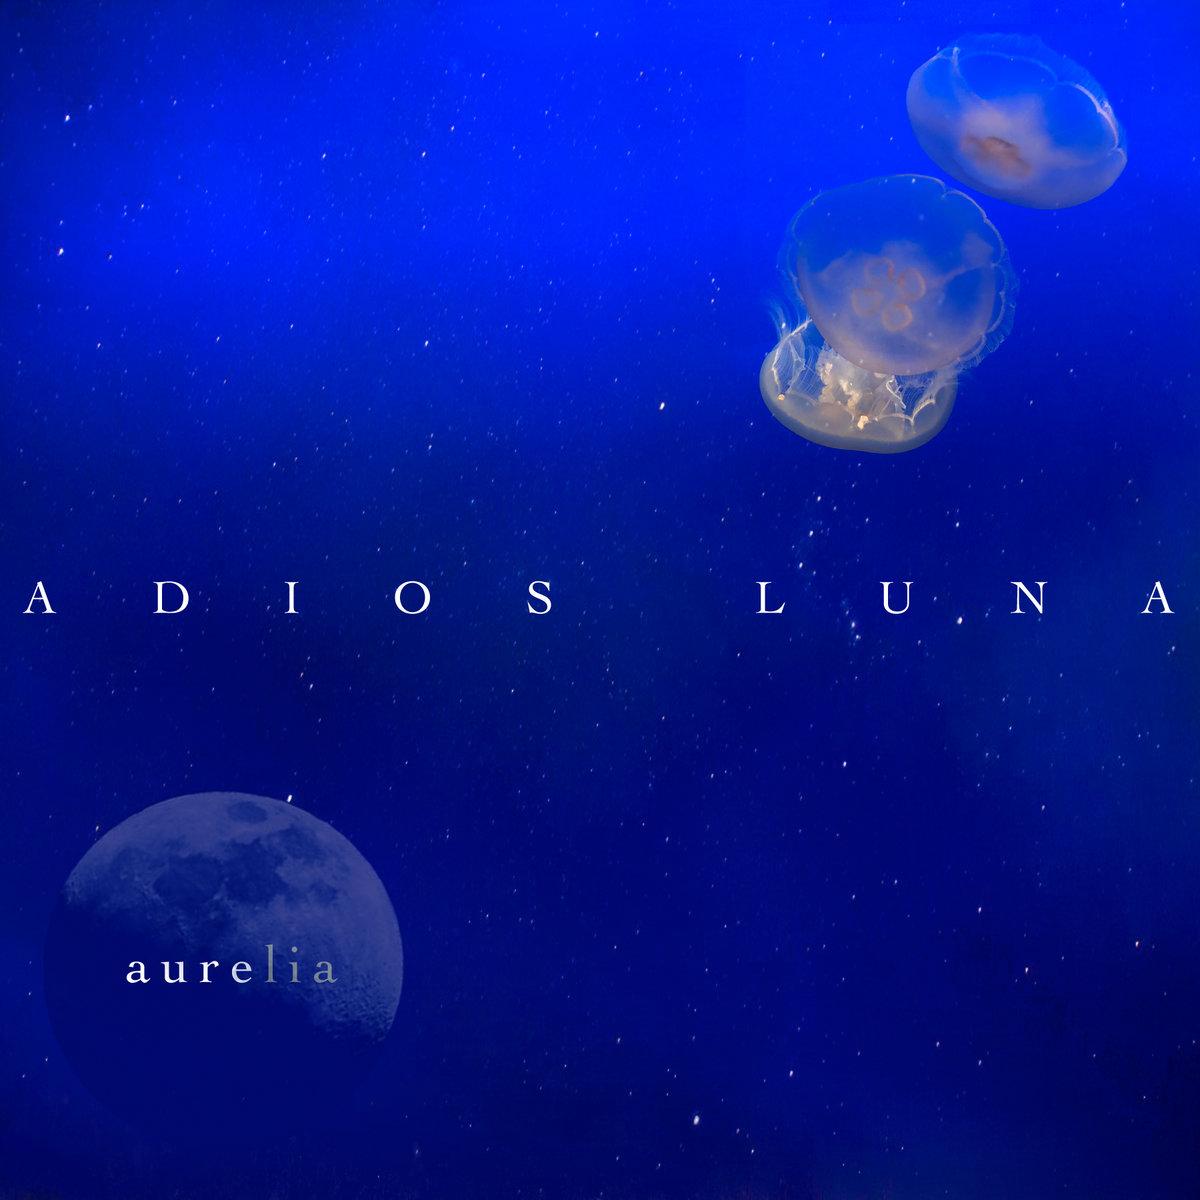 Aurelia | Adios Luna